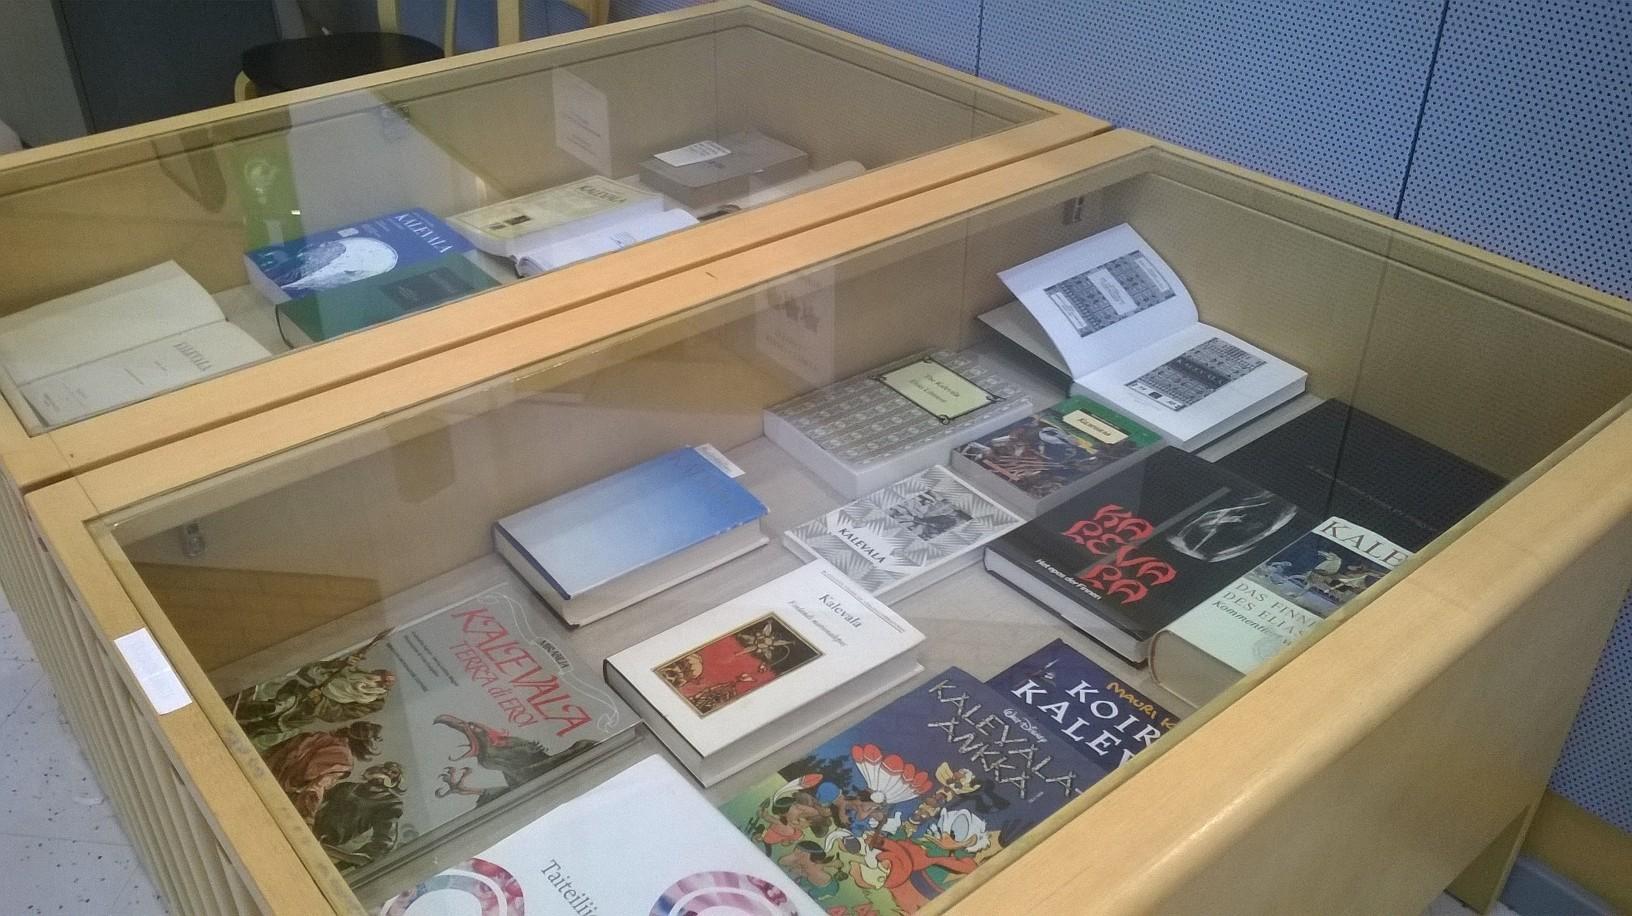 Kuopion kampuskirjaston kirjanäyttely.  Kuopio Campus Library Book Exhibition